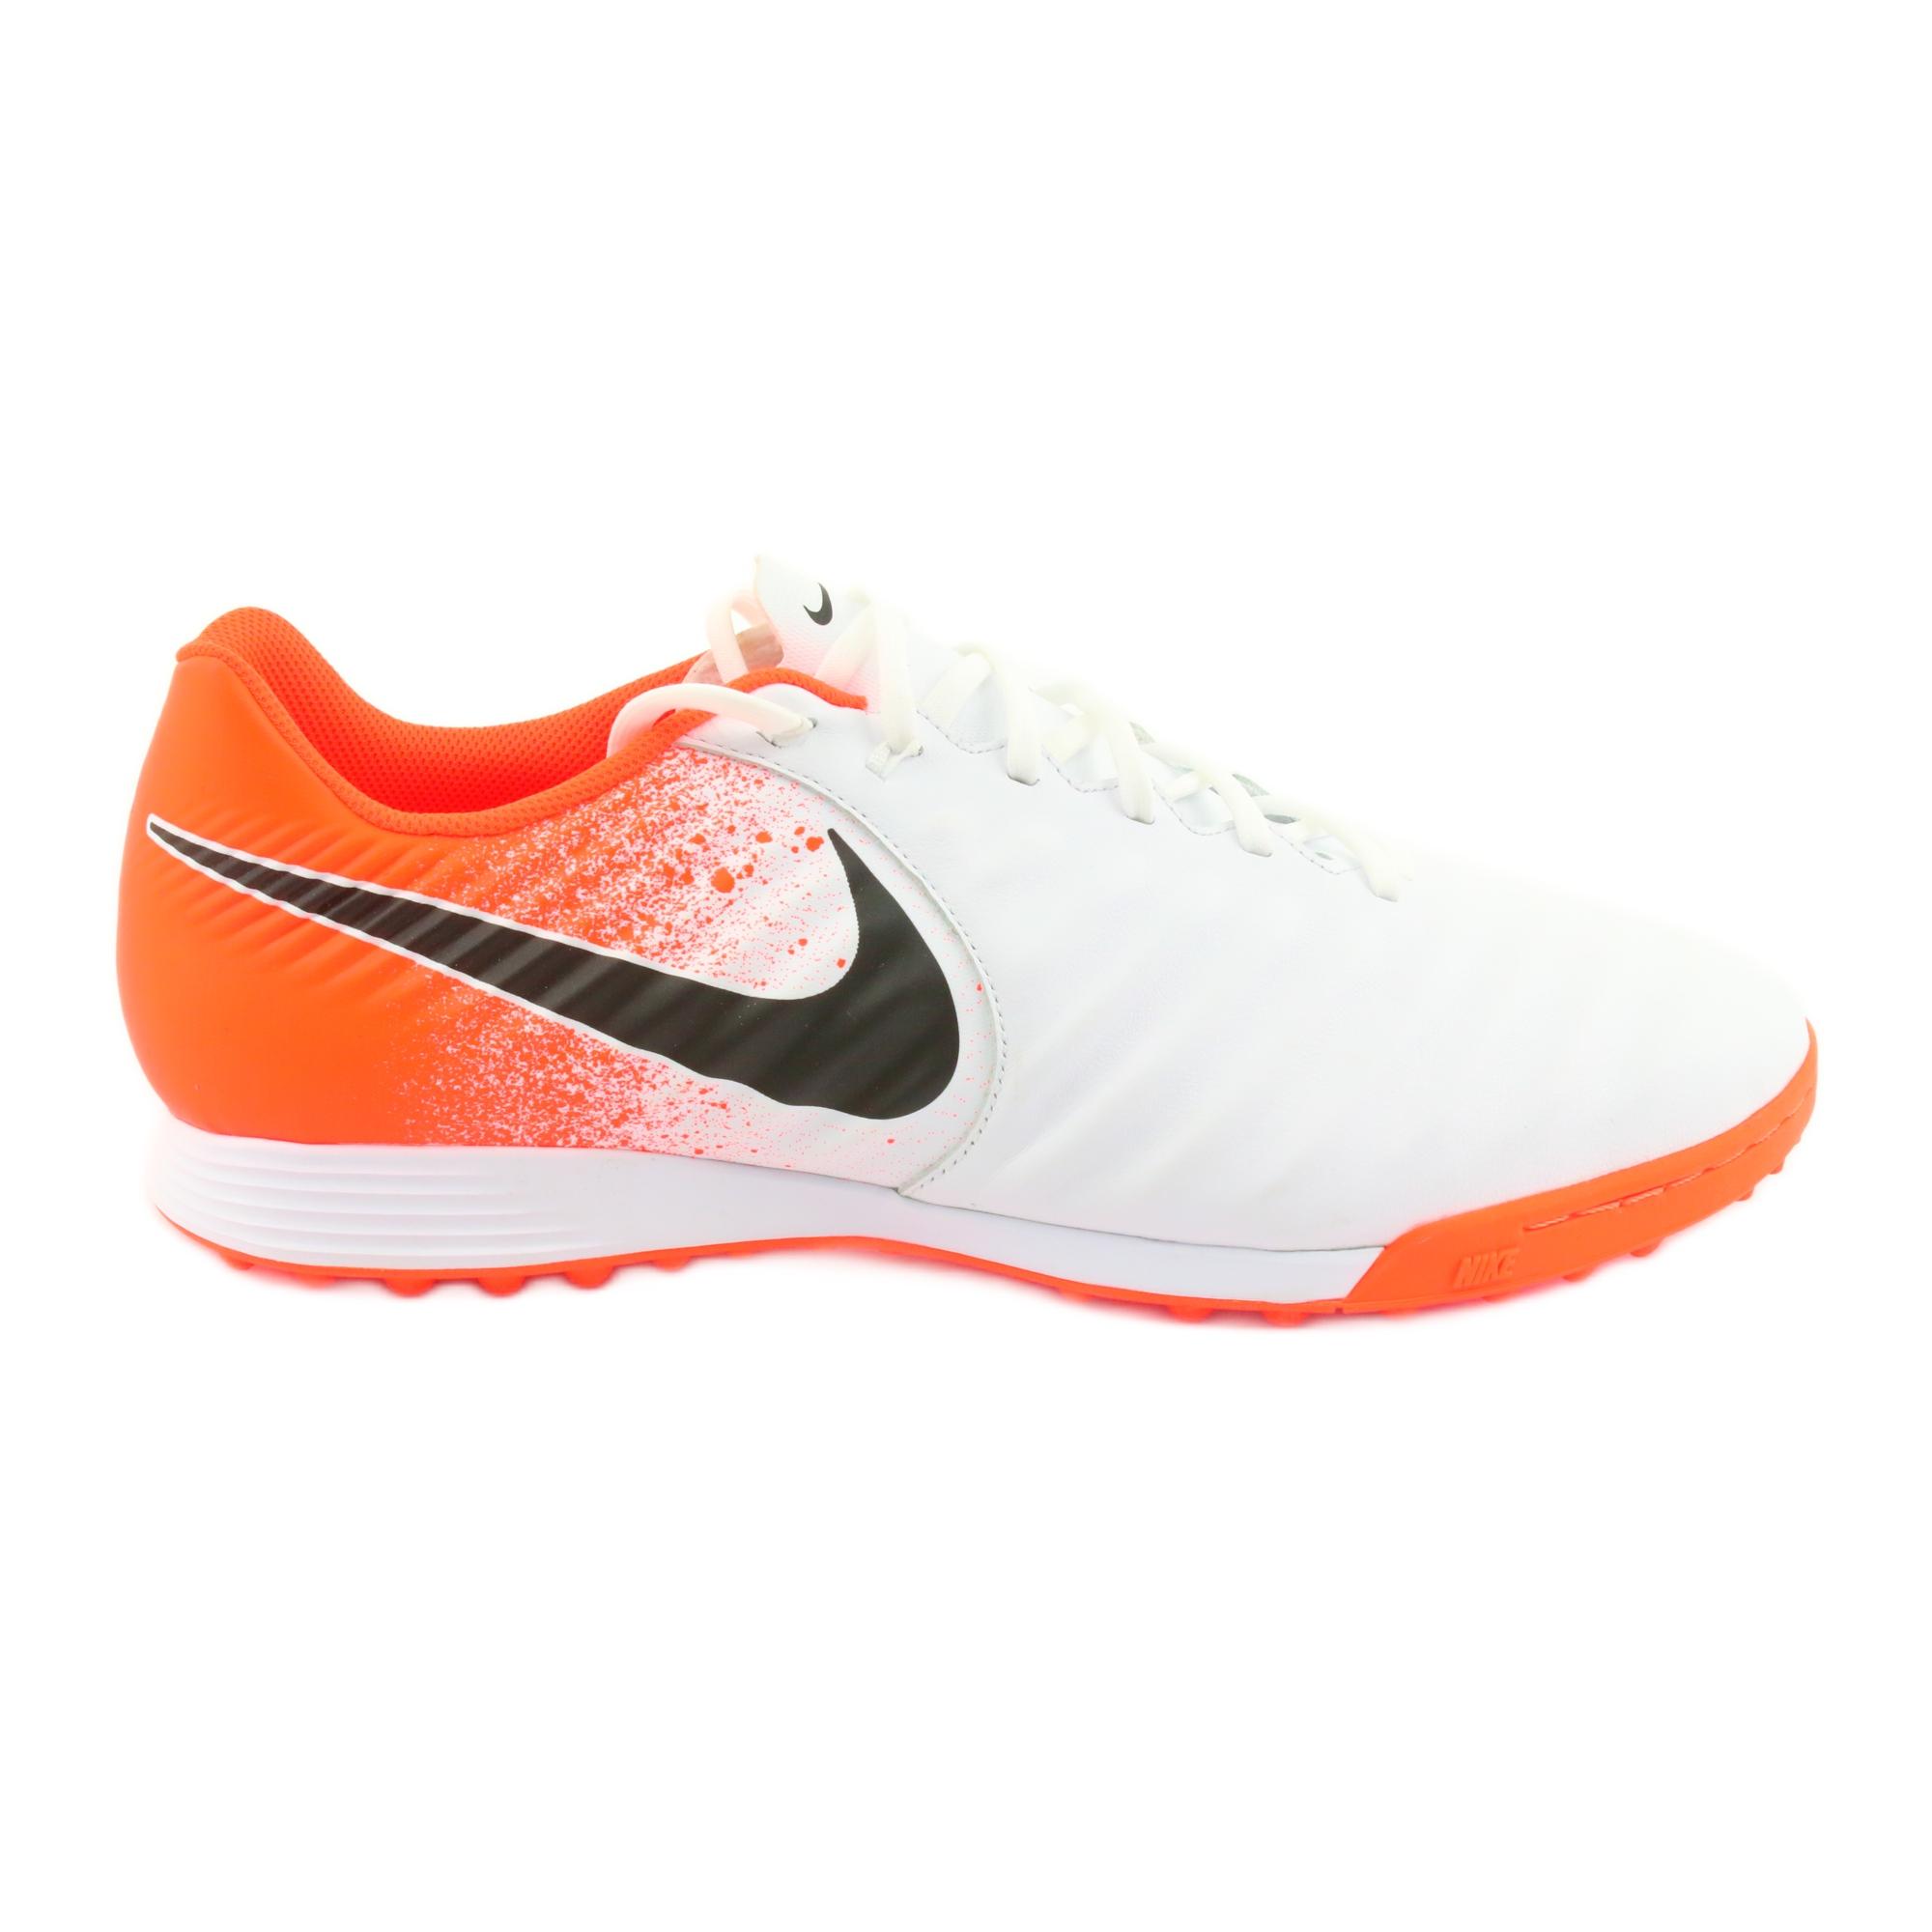 Sapatos de futebol Nike Tiempo LegendX 7 Academia Tf M AH7243 118 branco branco, laranja